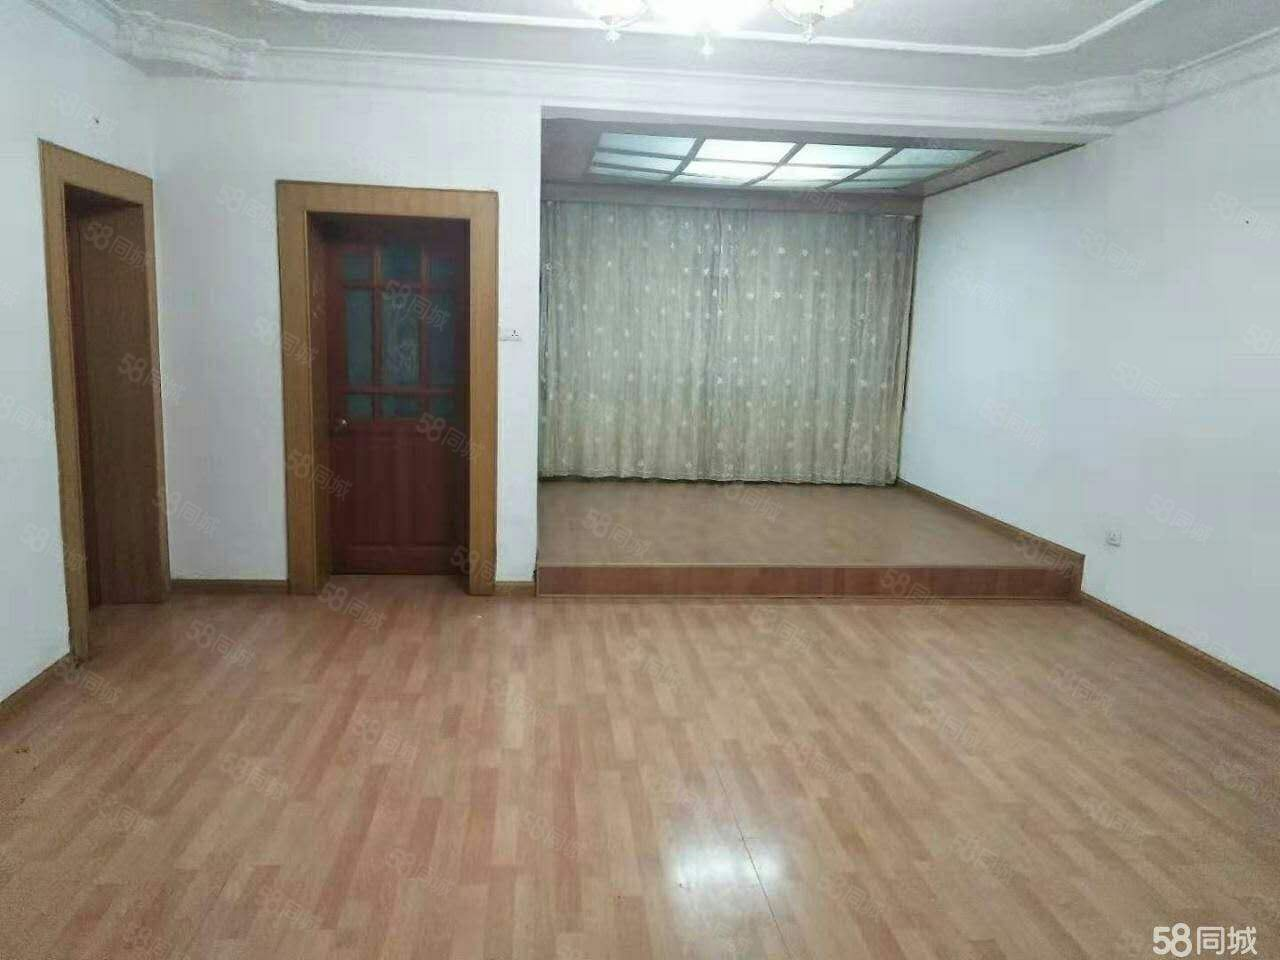 中医院旁(东风二小区)择优澳门金沙平台!3室2厅2卫/120平米!